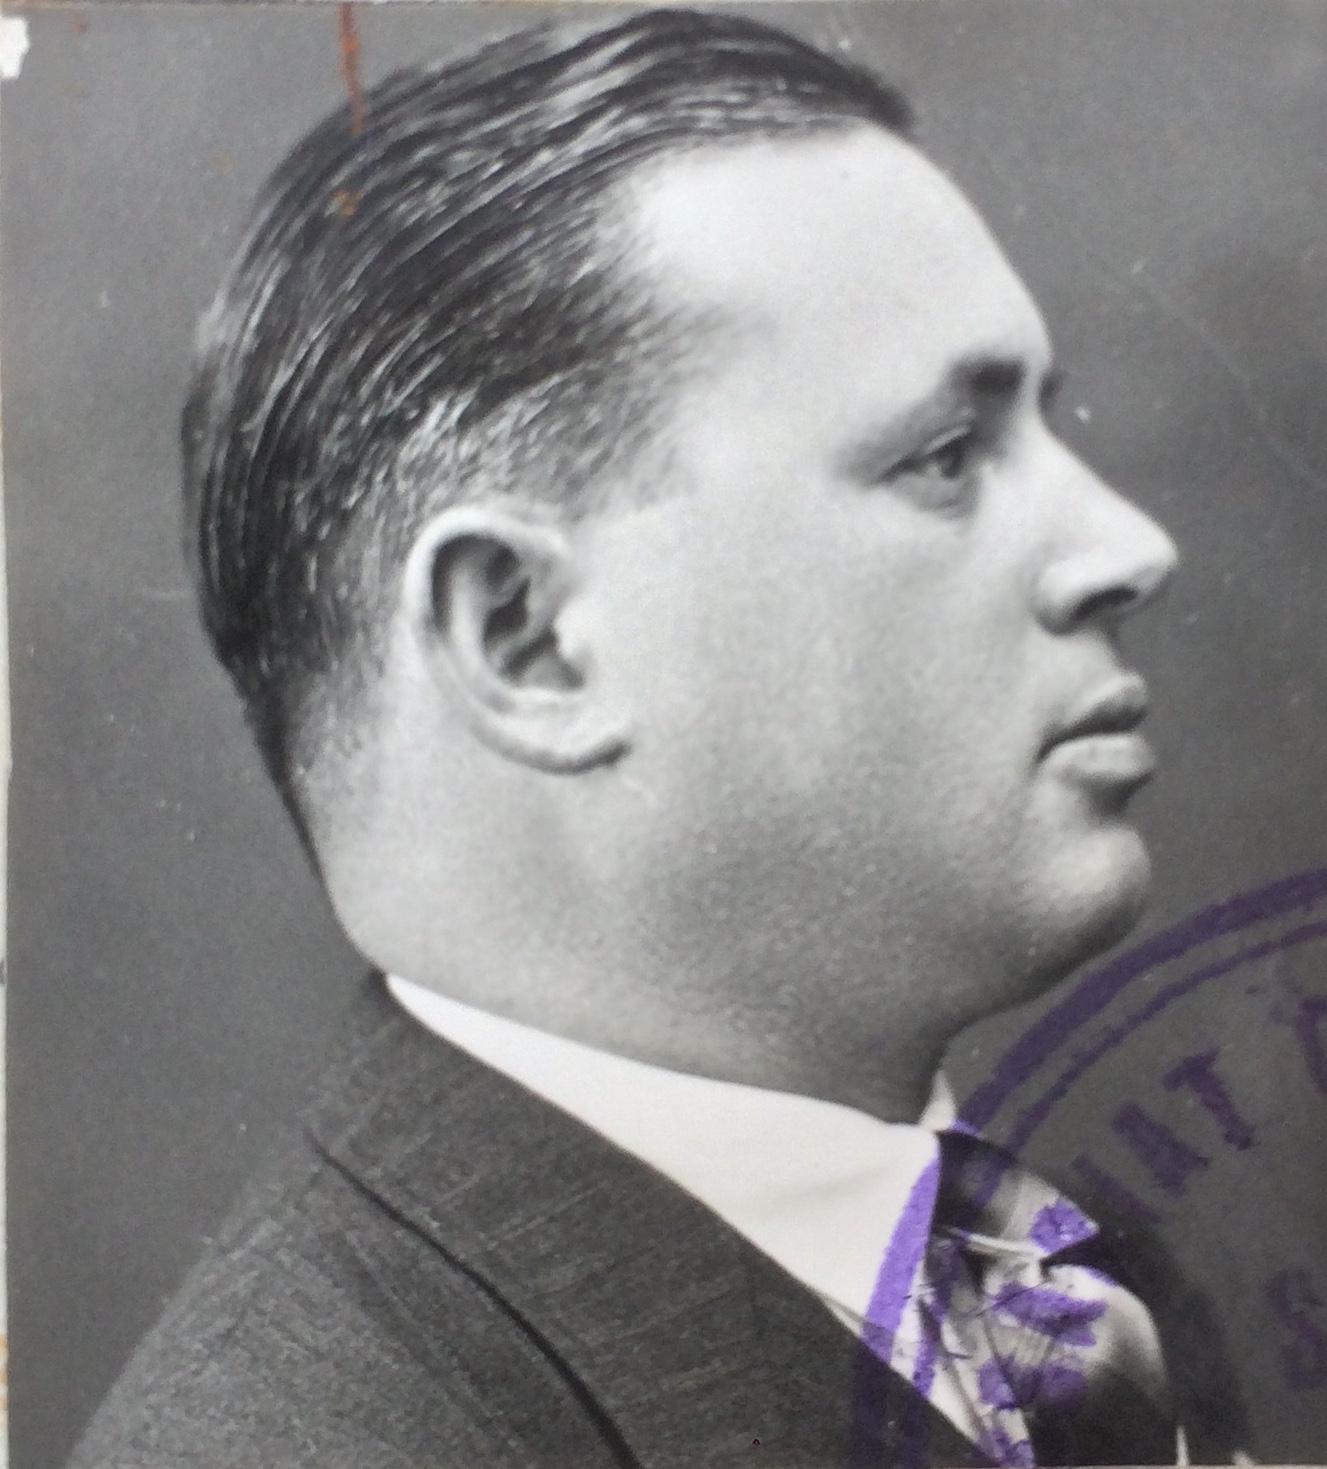 Abraham ONISCHKO 1939 [ADLA 4M899]